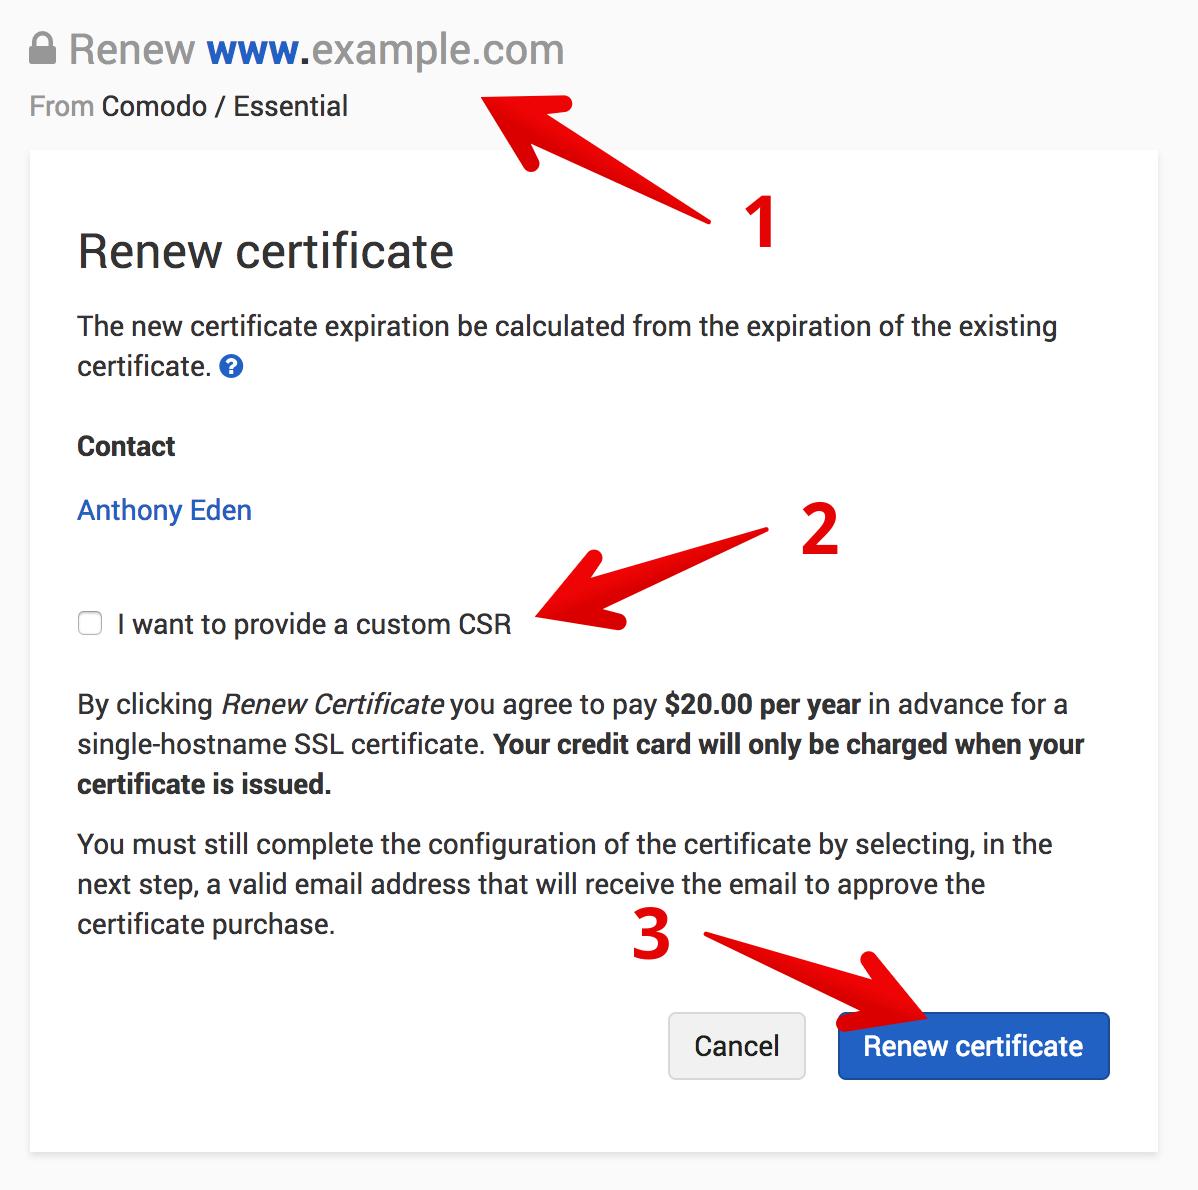 Renew a Certificate